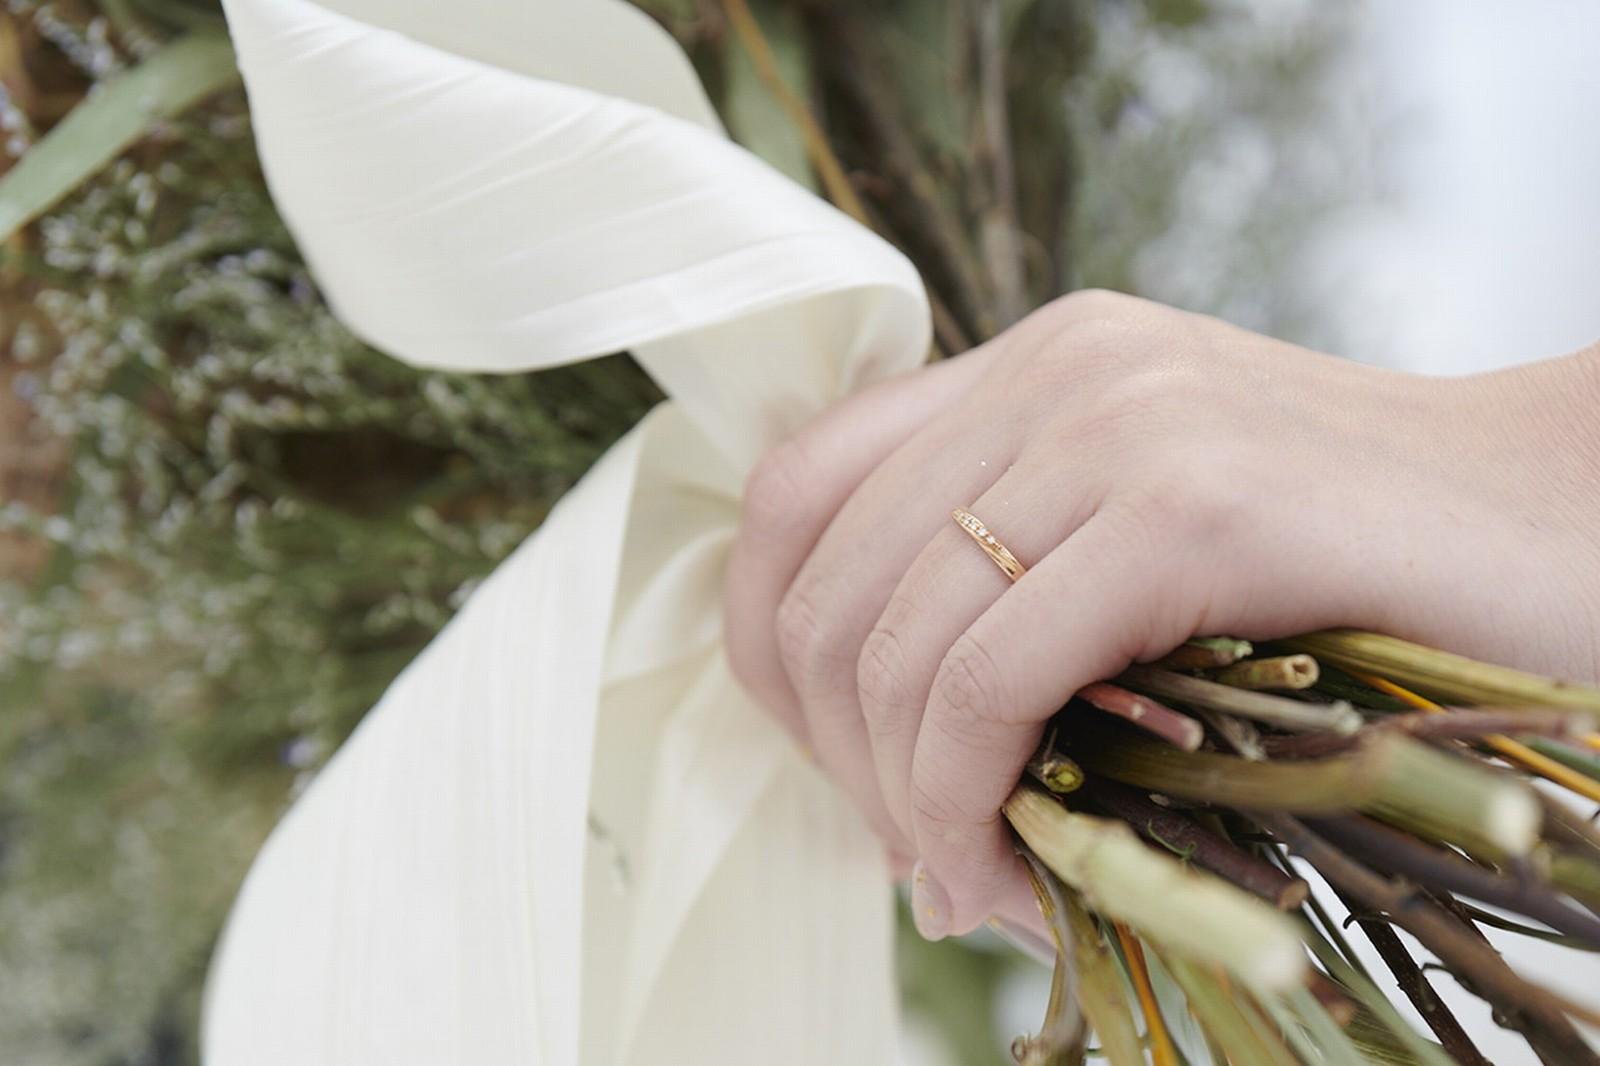 徳島県の結婚式場ブランアンジュのブーケを持つ新婦の手元に輝く指輪